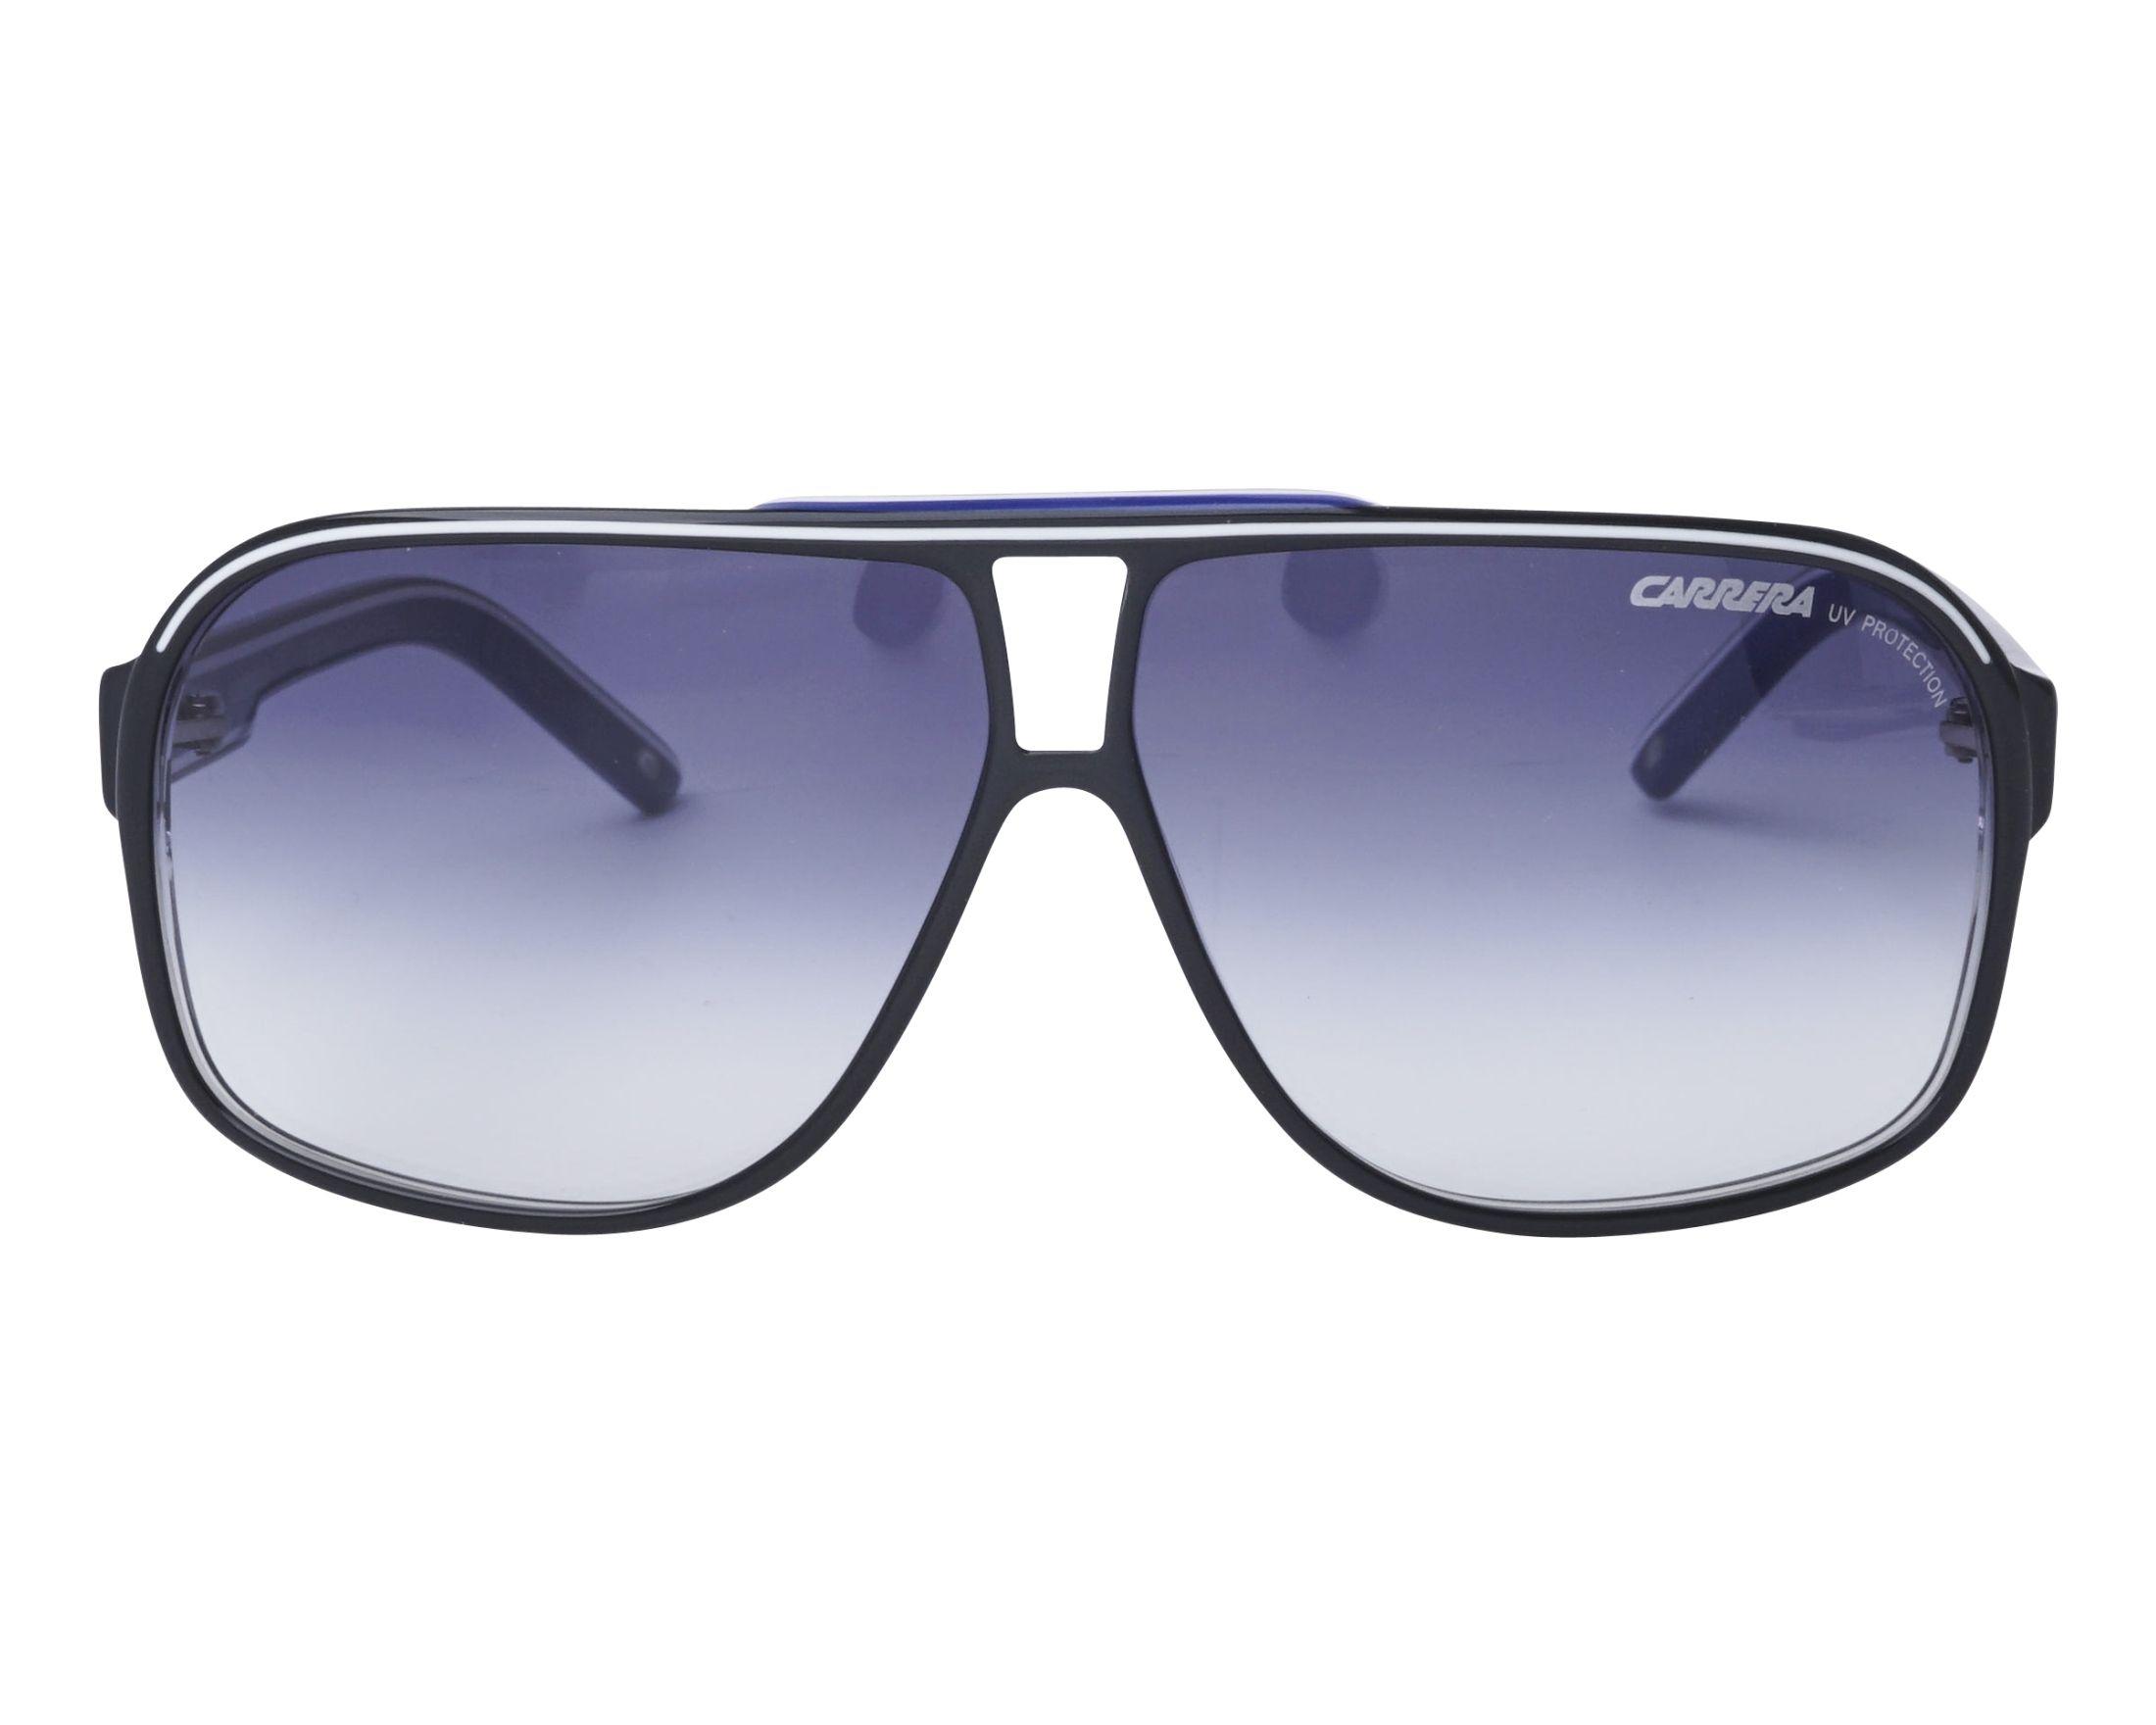 79a69eb6fe Gafas de sol Carrera Grand-Prix-2 T5C08 64-9 Negra Azul vista